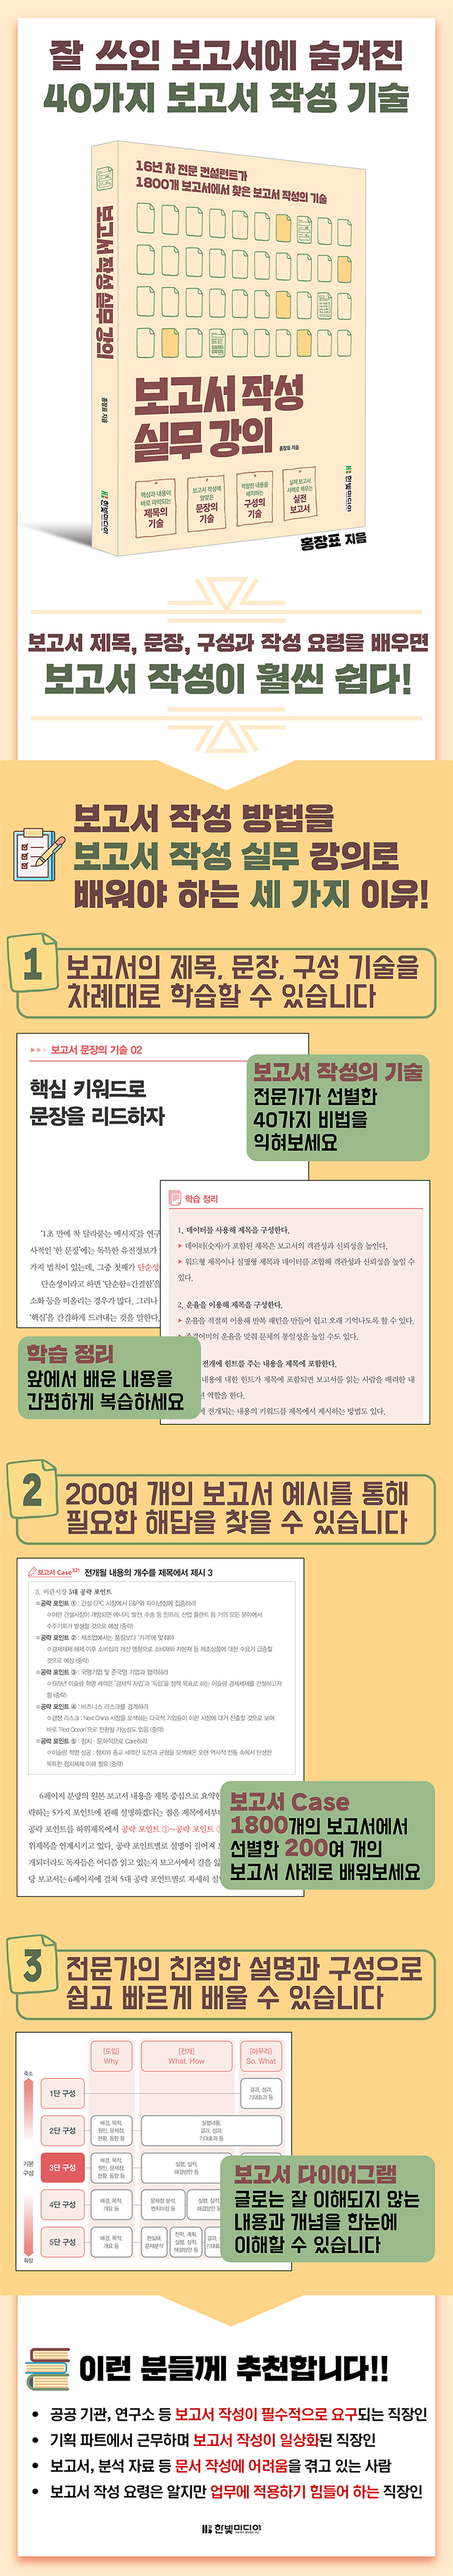 보고서 작성 실무 강의_상세페이지_750.jpg